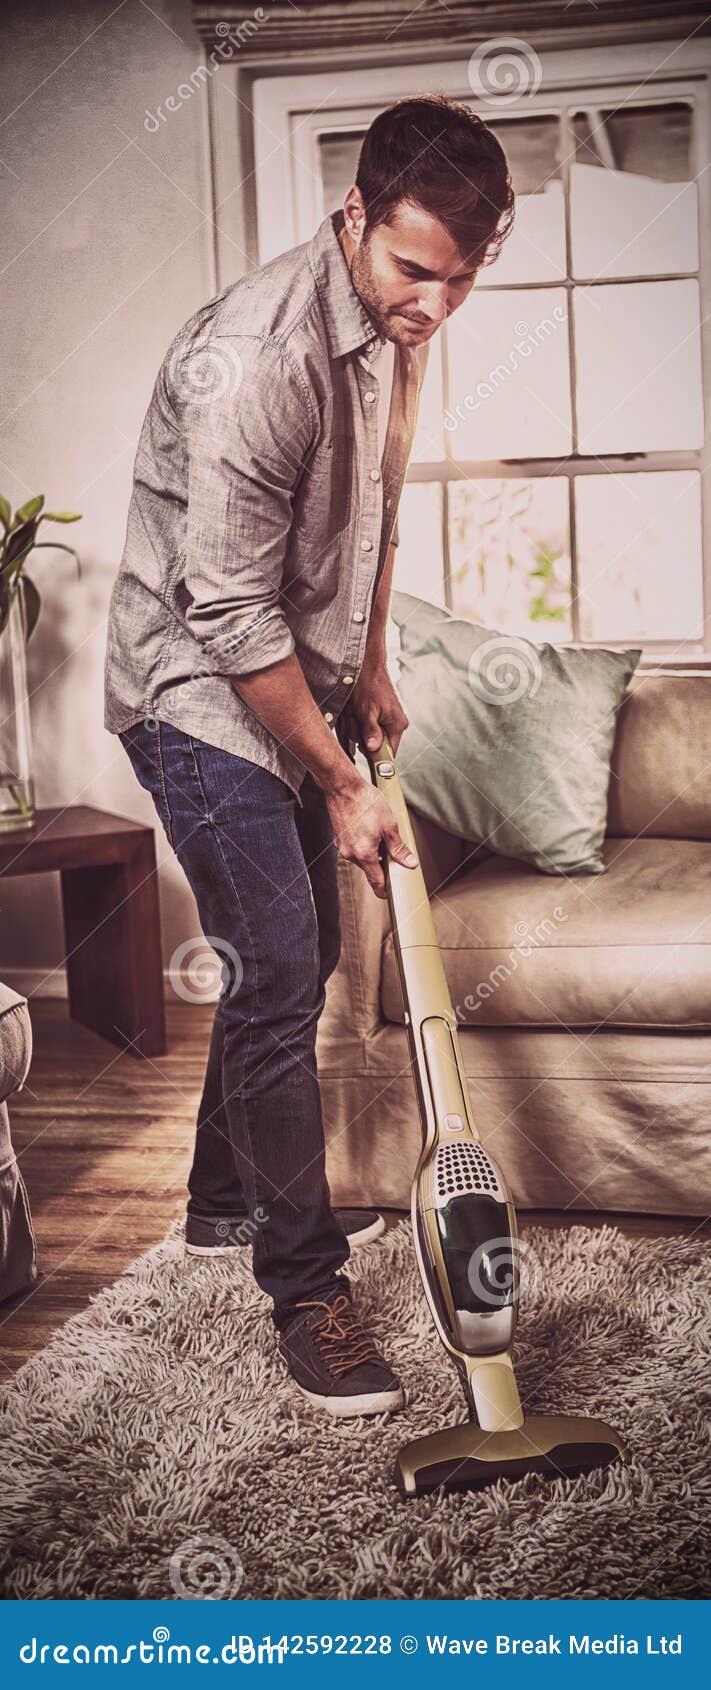 Άτομο που καθαρίζει έναν τάπητα με μια ηλεκτρική σκούπα